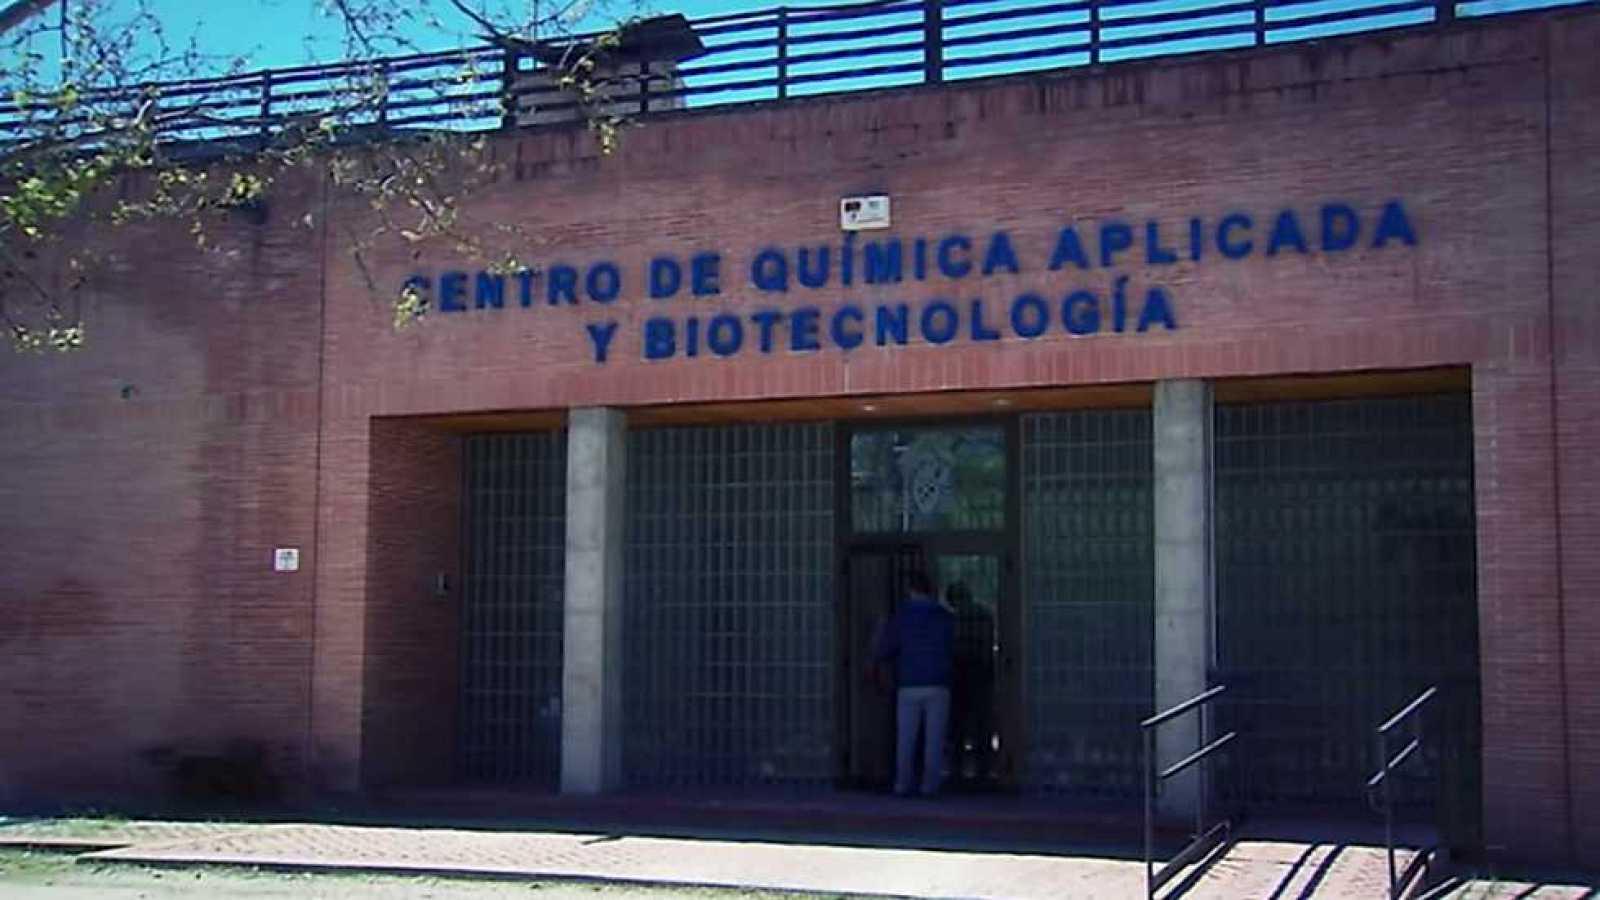 UNED - 02/06/17 - RTVE.es